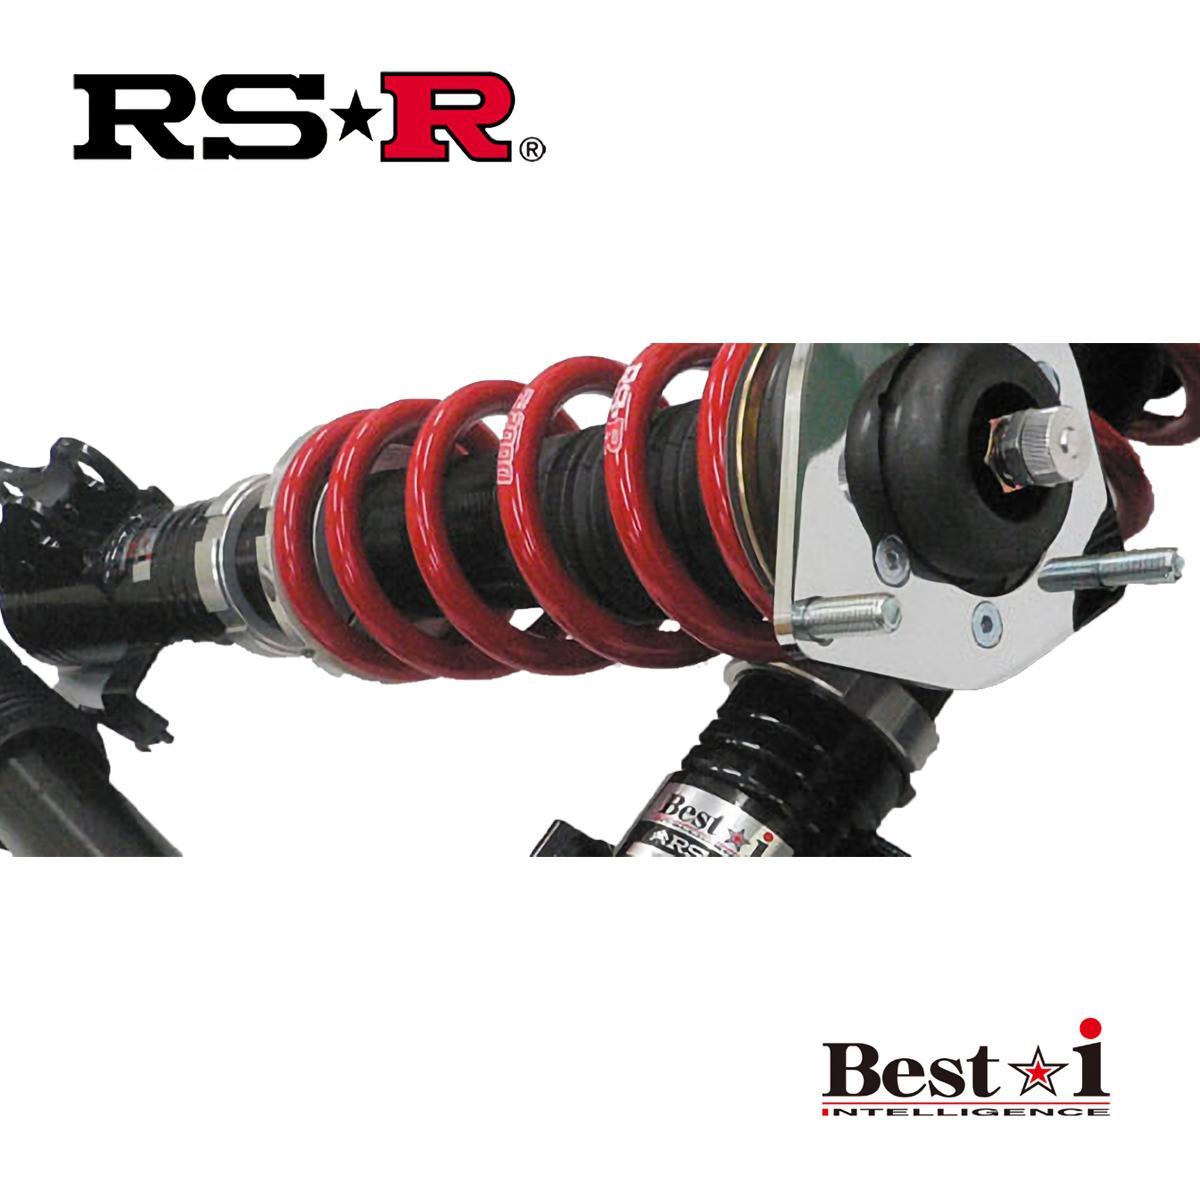 RS-R オデッセイ 全グレード装着可 RC1 車高調 リア車高調整:ネジ式 BIH500M ベストi RSR 個人宅発送追金有